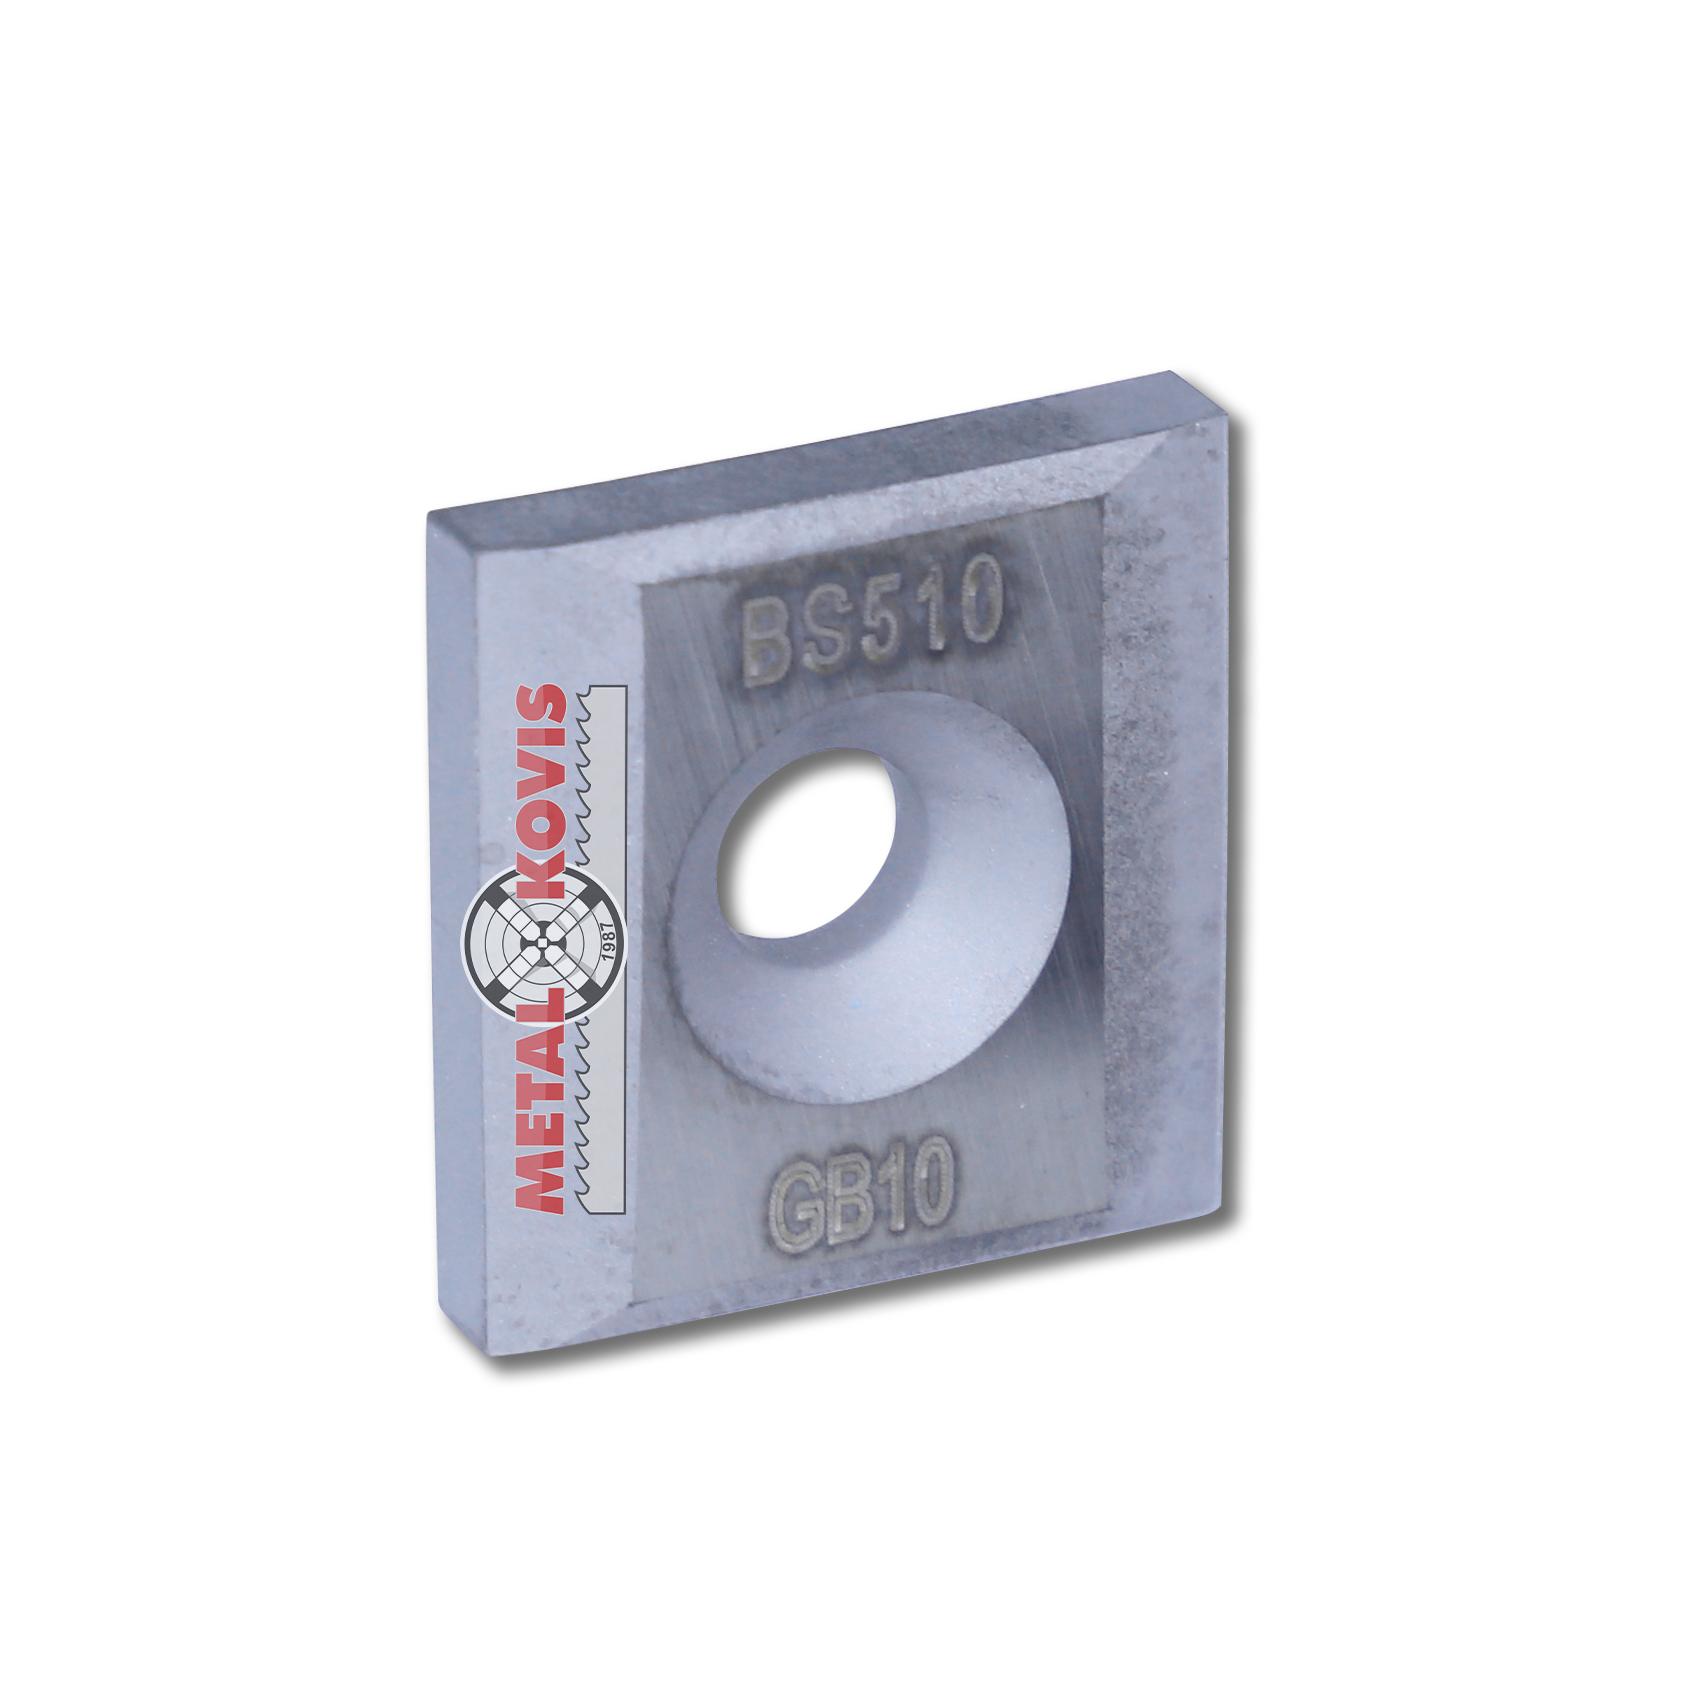 Vidija vodilice BSM-8785 GB10 za tračnu pilu Beka-Mak